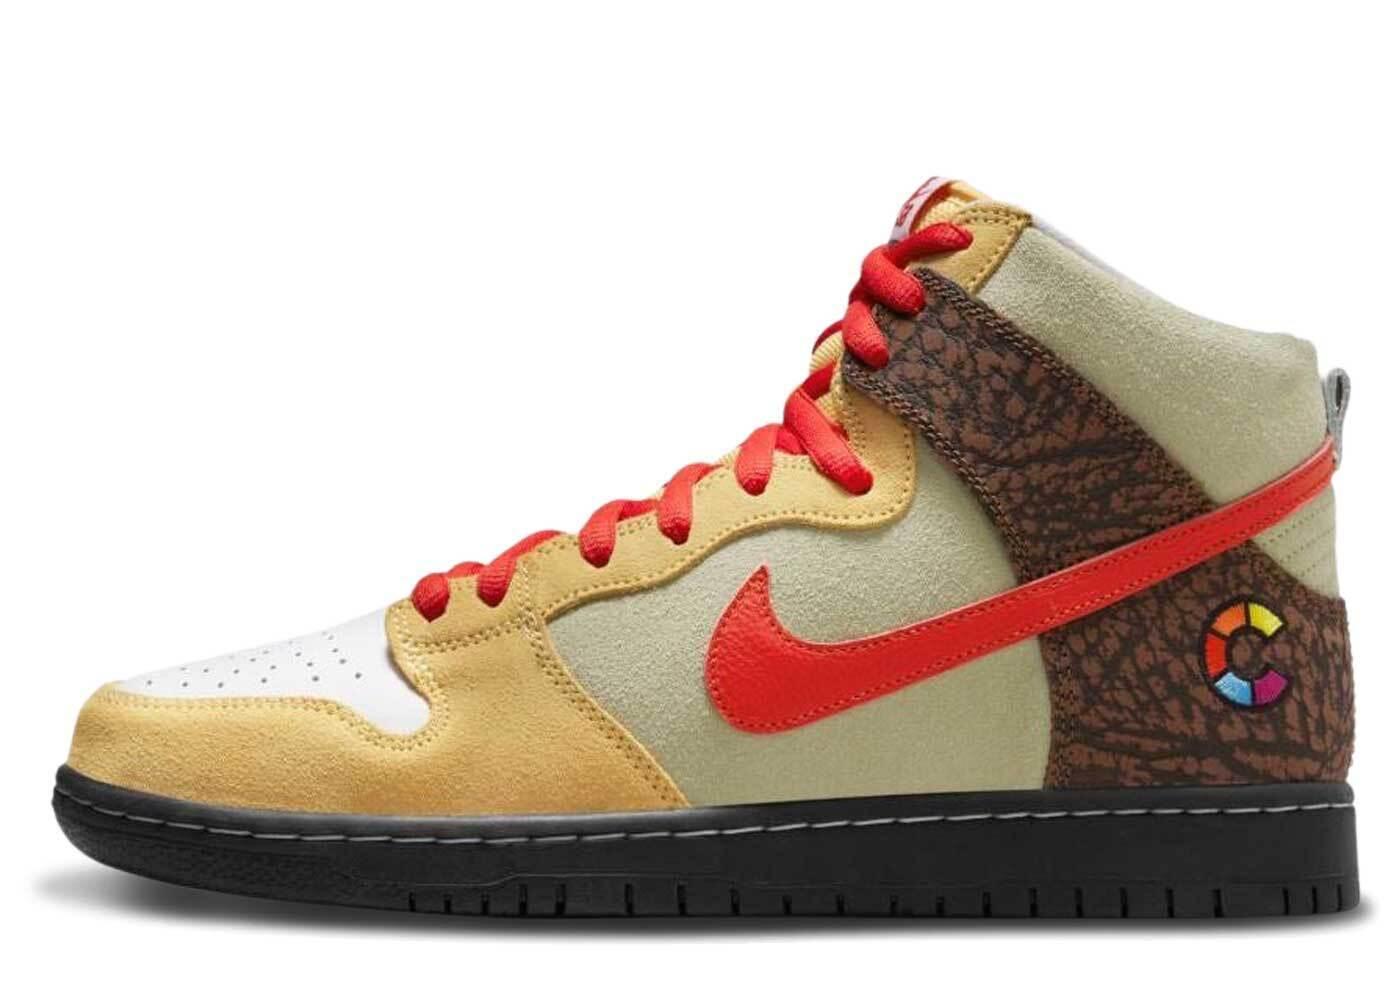 Color Skates × Nike SB Dunk High Kebab and Destroyの写真